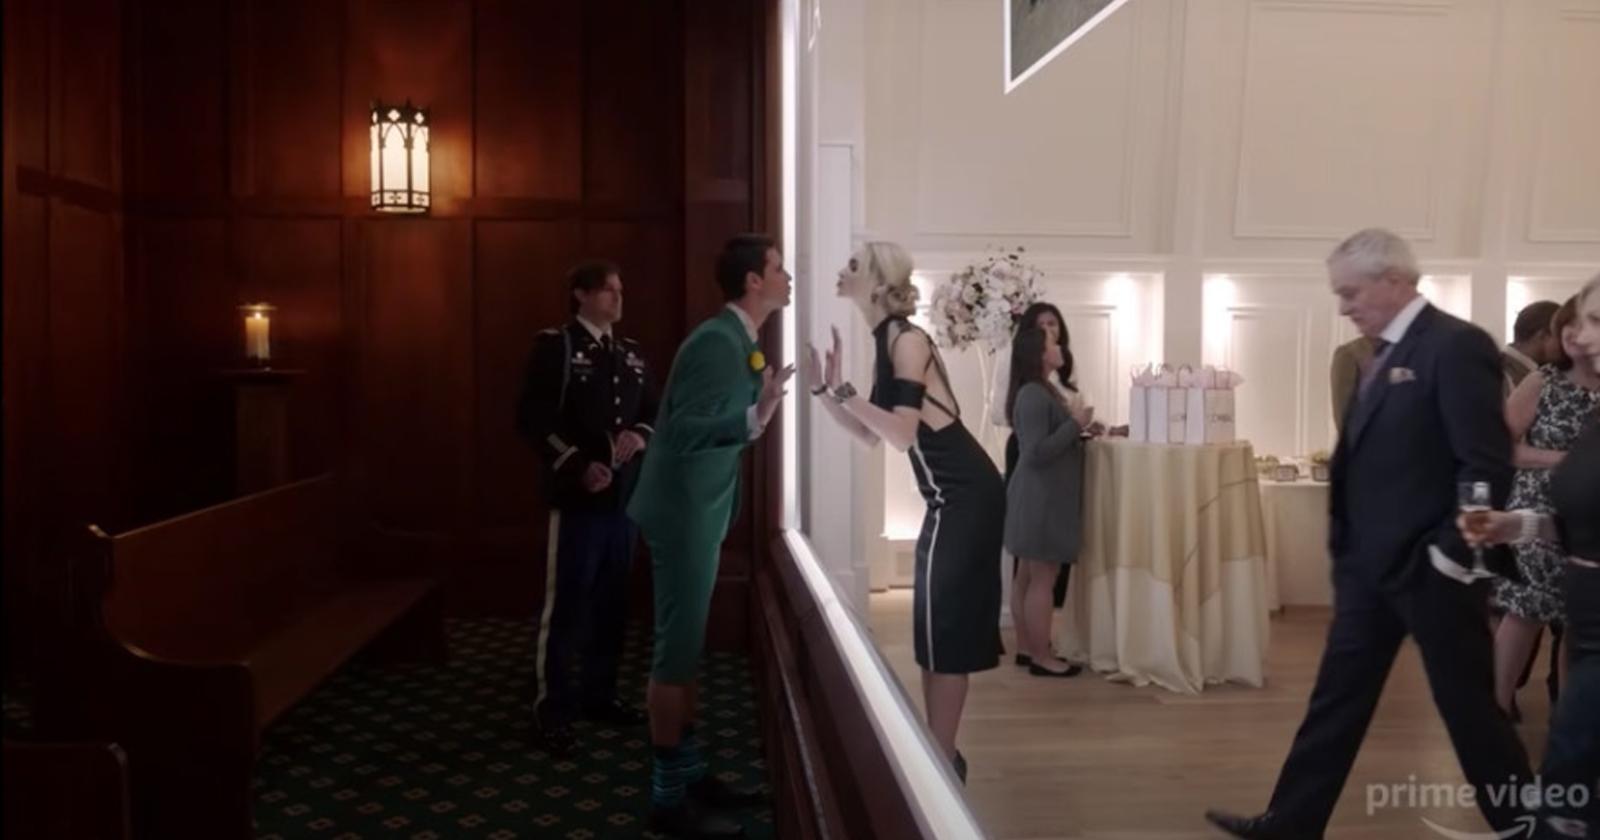 Nathan besa a su novia a través de una pantalla. Esta es una imagen de la serie de ciencia ficción Upload, original de Amazon Prime.